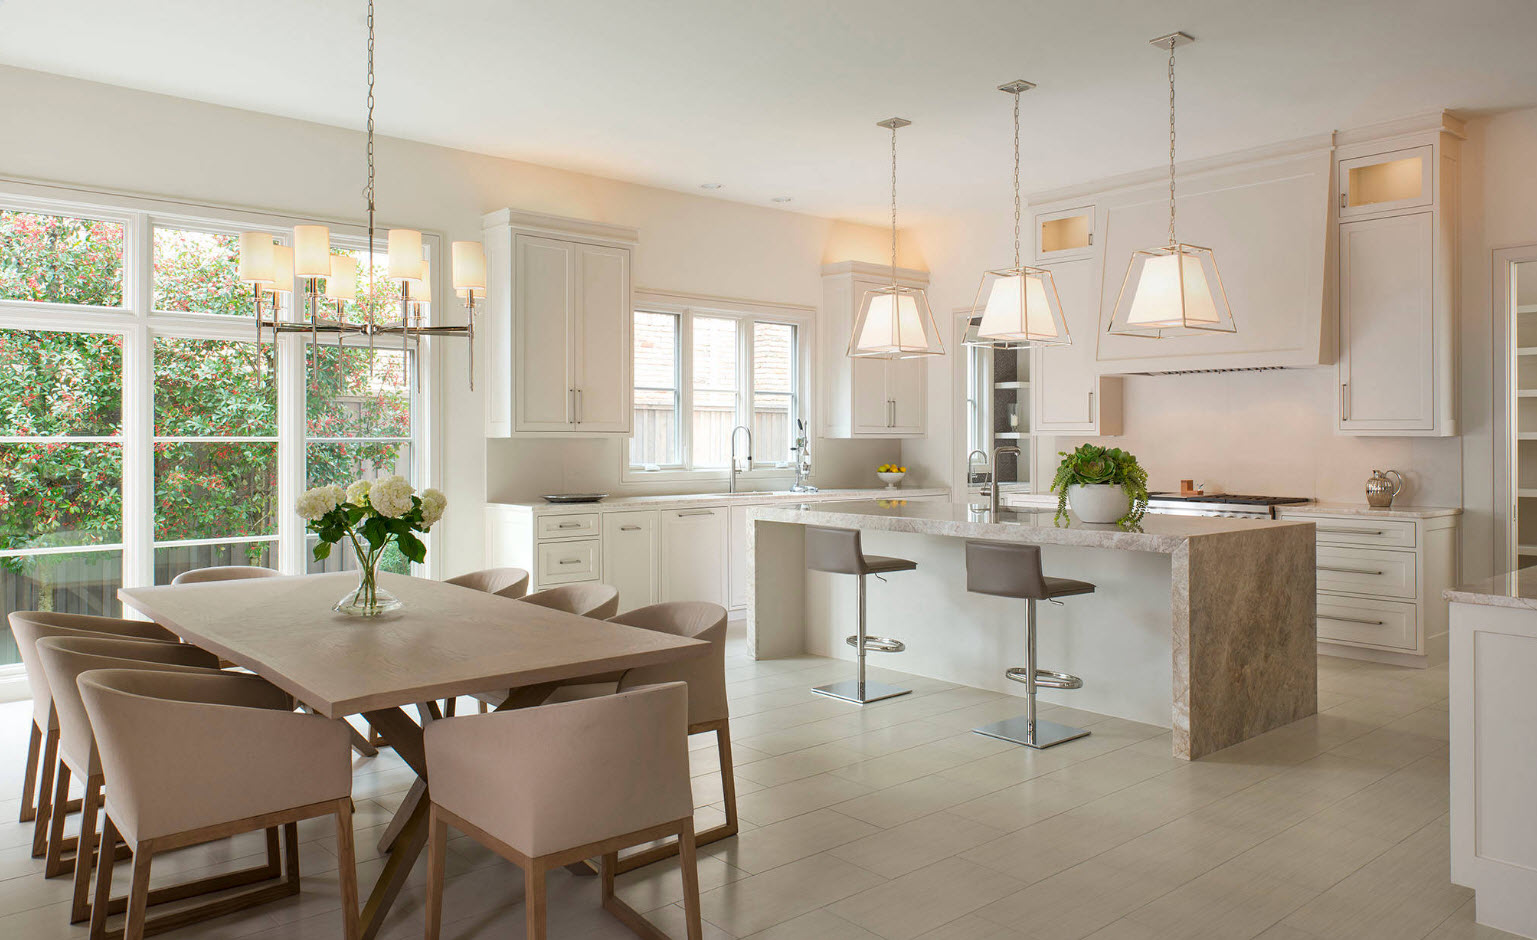 Кухня-столовая в светлых тонах